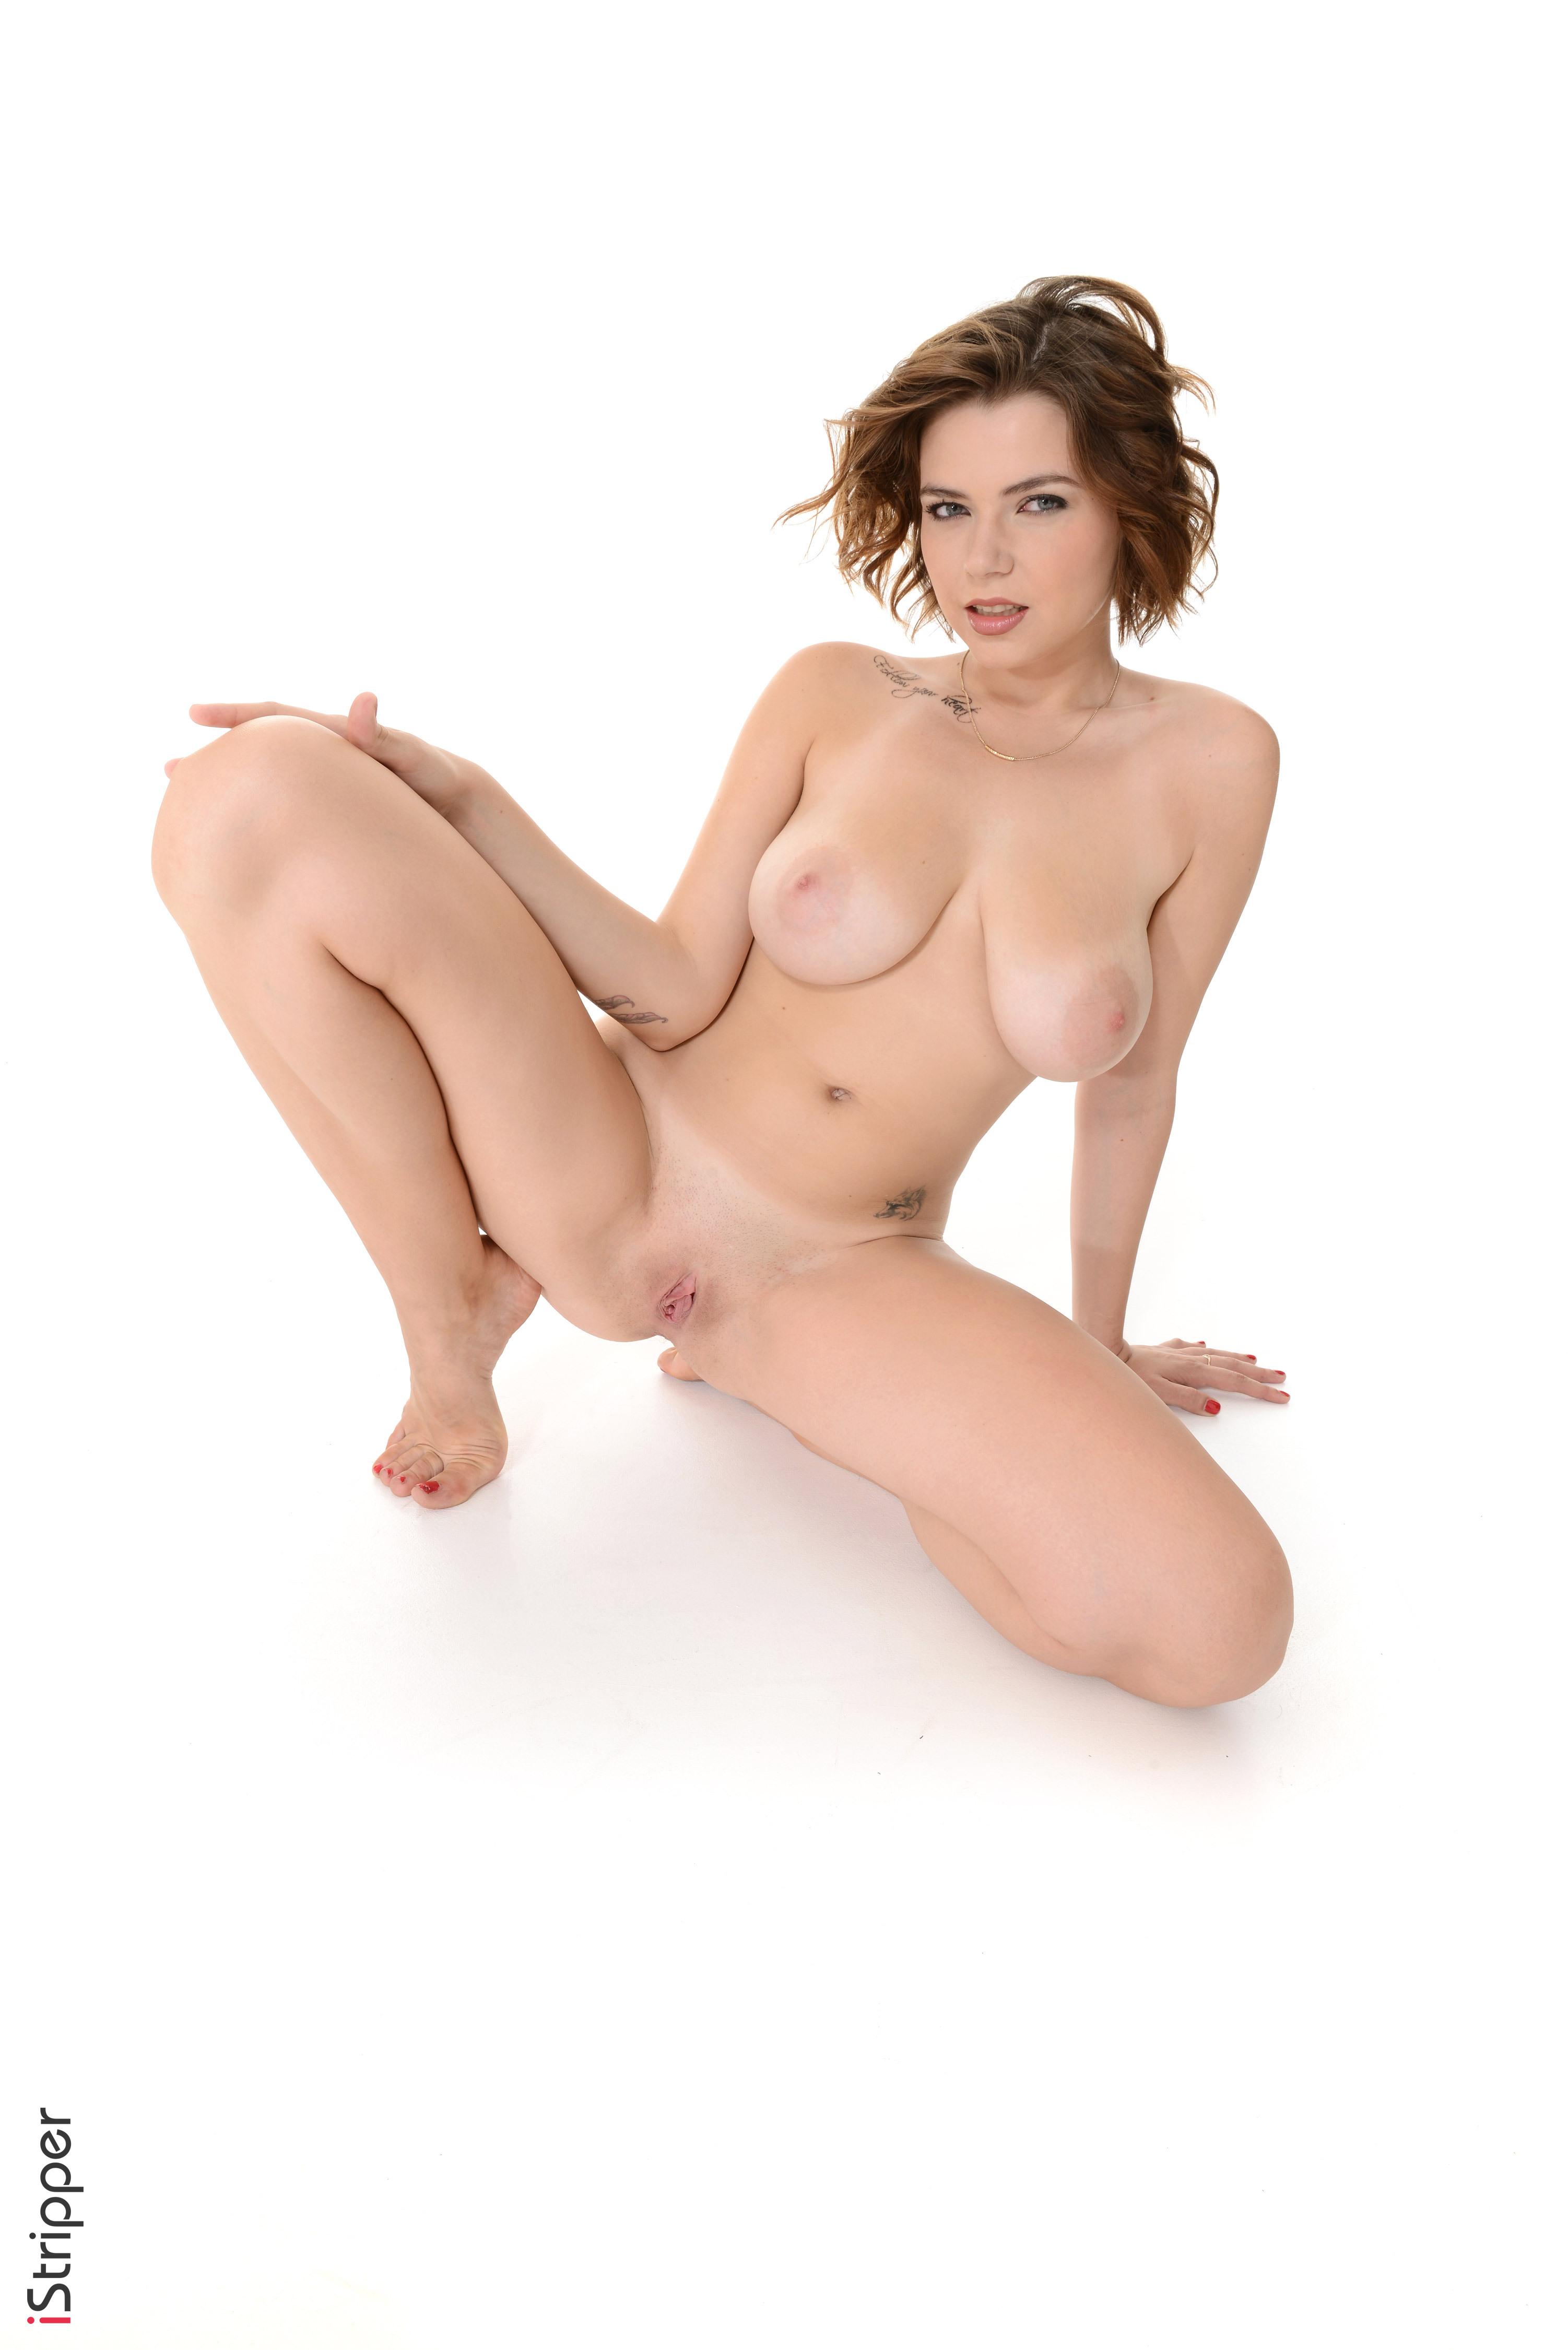 wallpapers girls sex